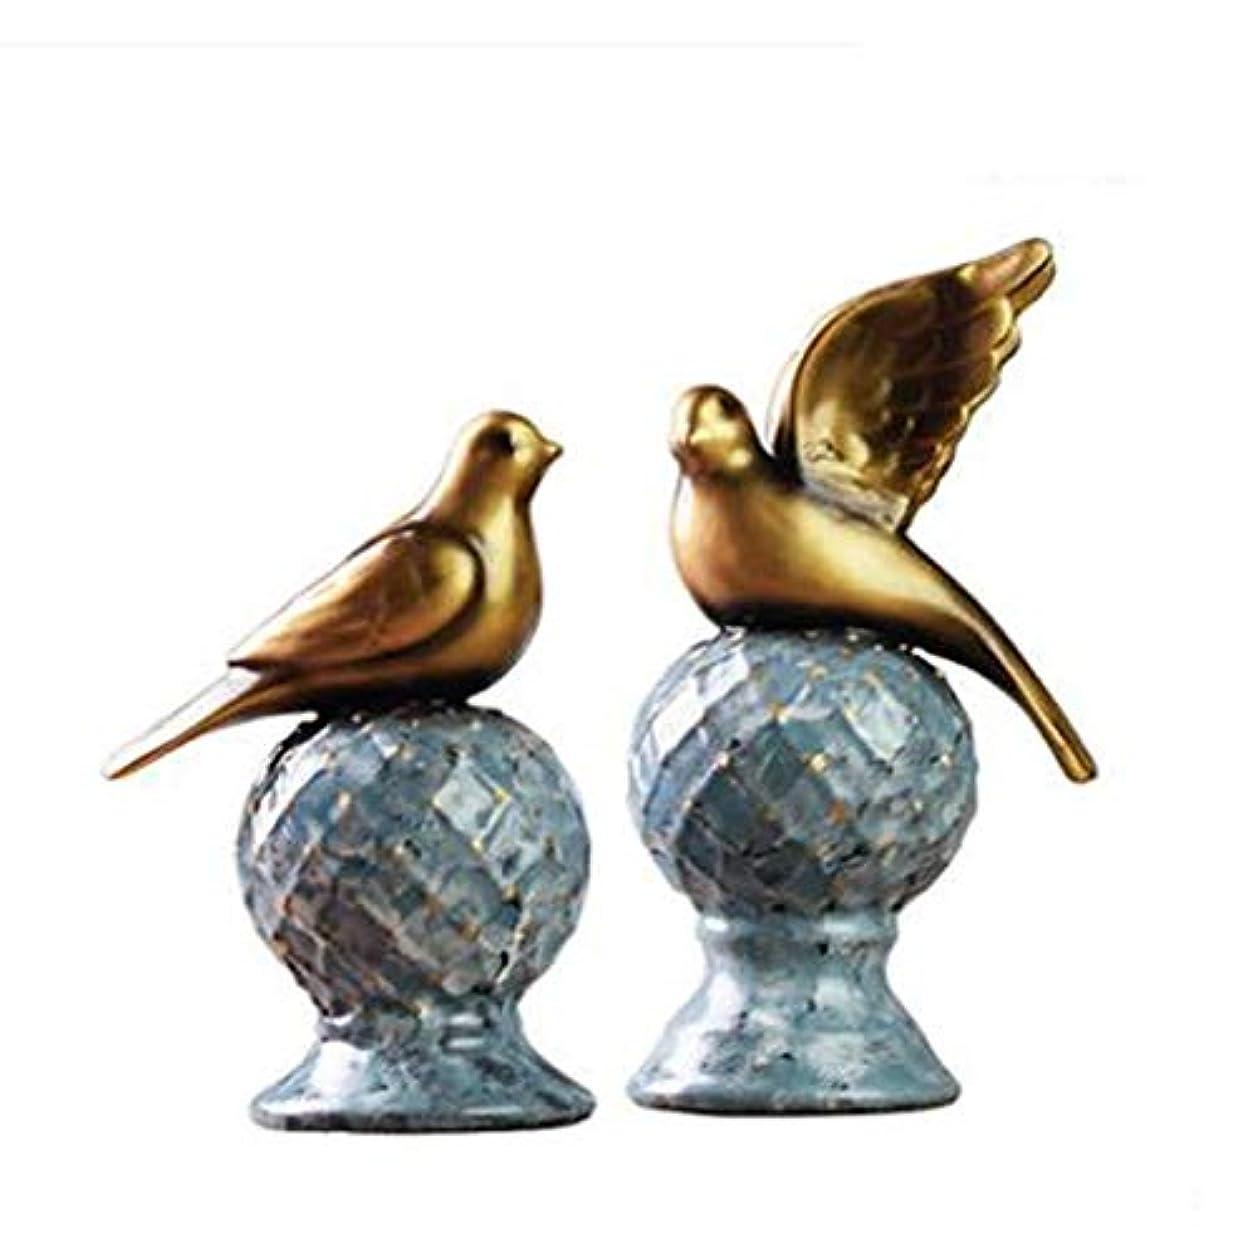 が欲しい財布オートマトンChengjinxiang 装飾品、装飾品、現代ヨーロッパの居間、ポーチ、樹脂工芸品、アメリカのテレビキャビネット、鳥の陳列,クリエイティブギフト (Color : Gold)